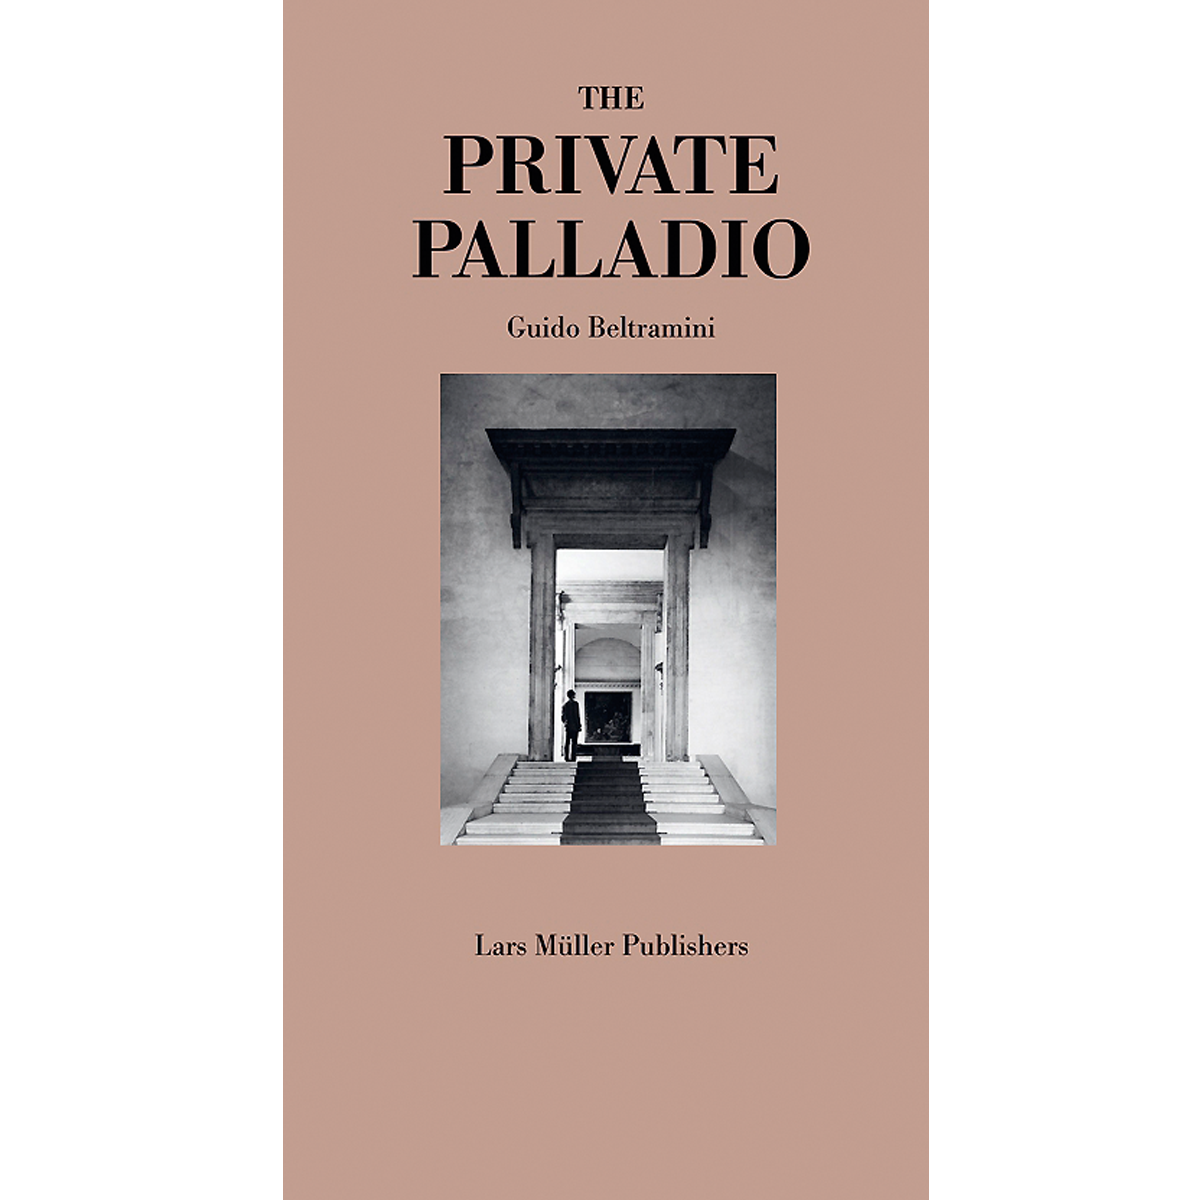 The Private Palladio